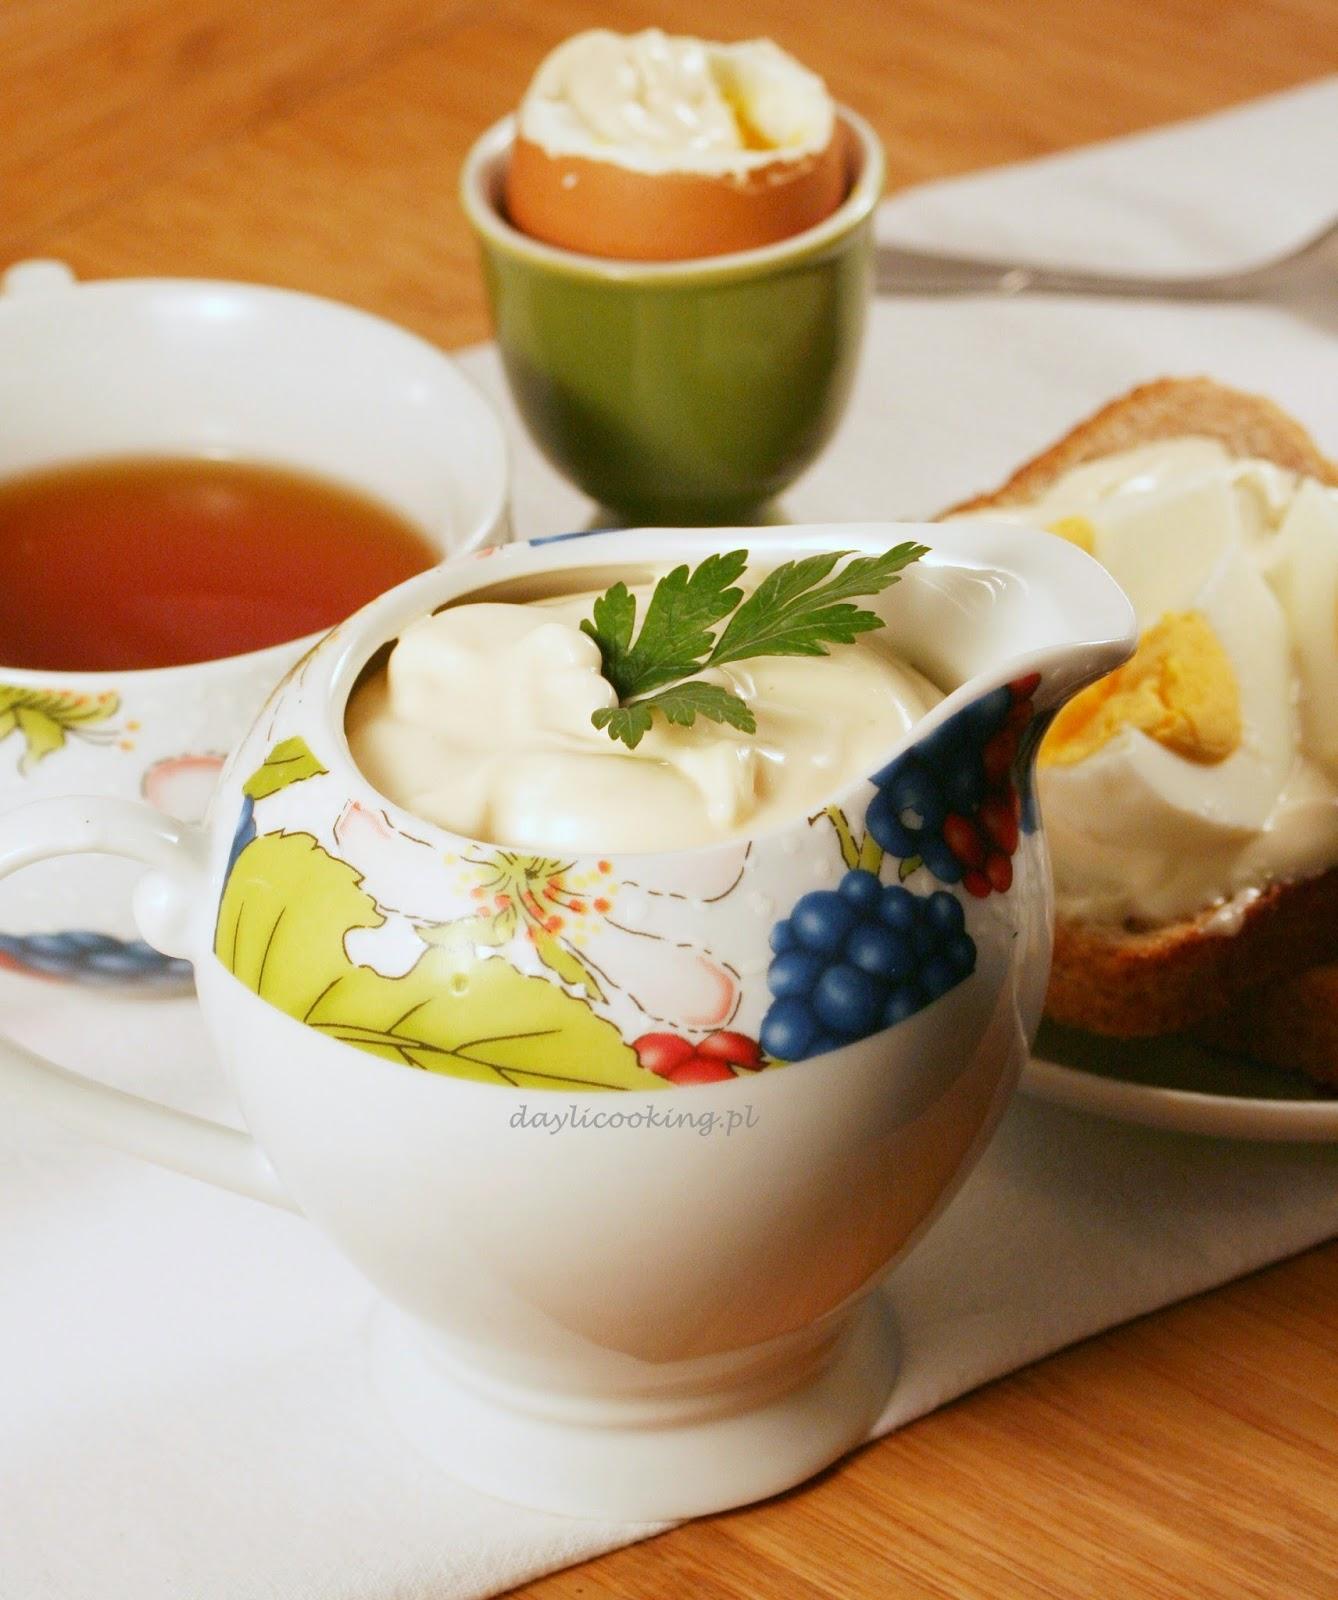 jak zrobić majonez?, przepis na domowy majonez, daylicooking